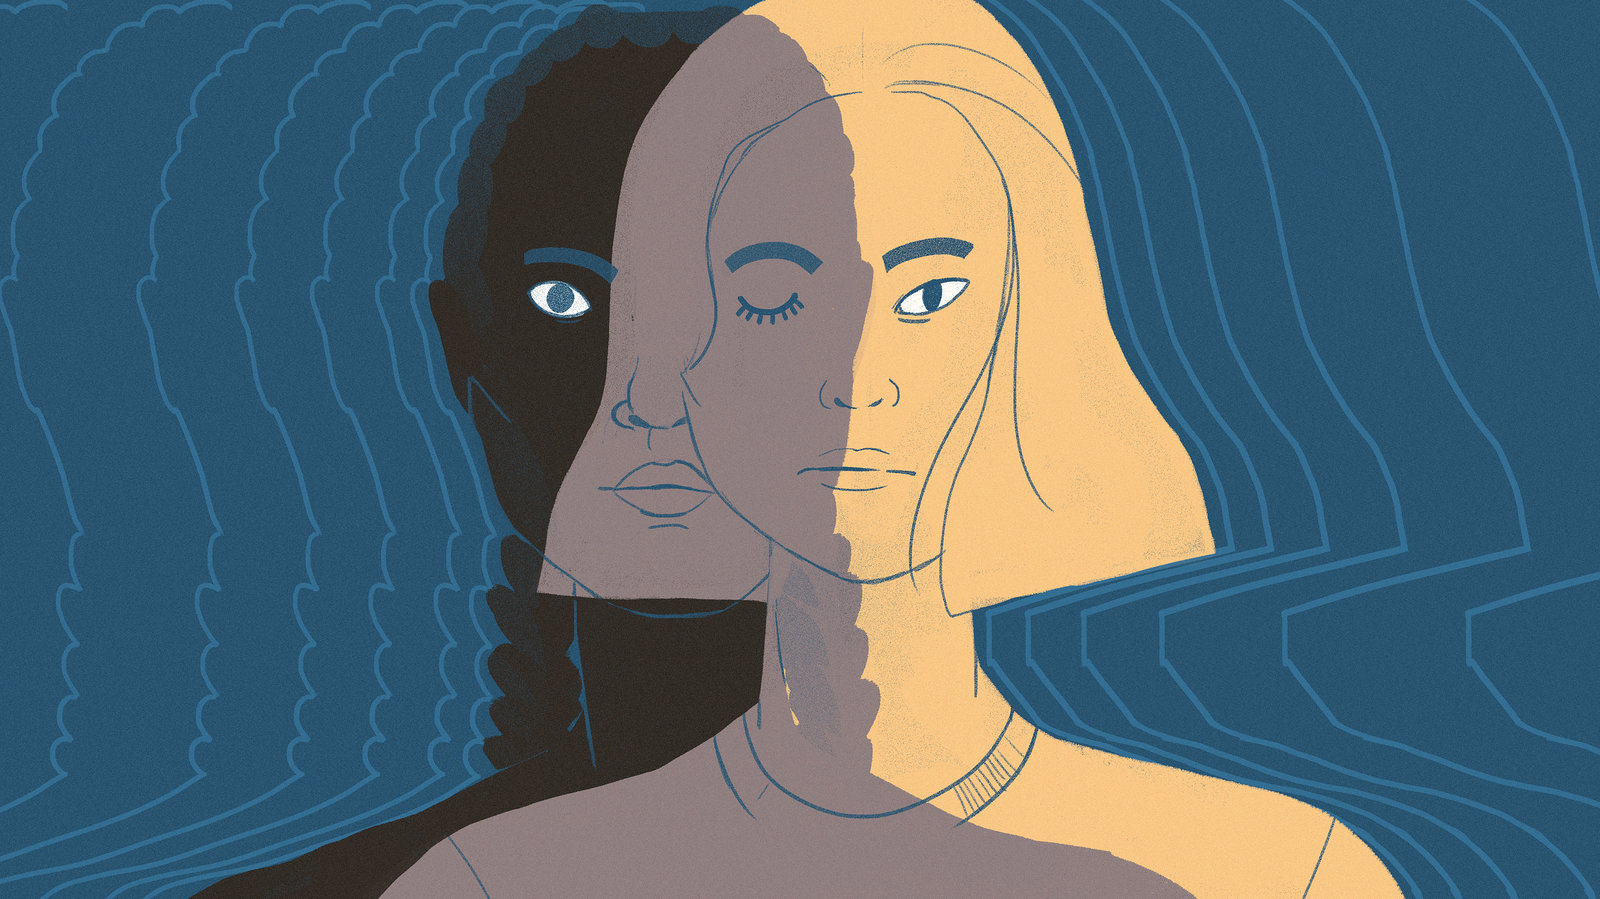 Bạn đã bao giờ tự kỳ thị tính dục của mình hoặc chứng kiến người khác tự kỳ thị chưa?